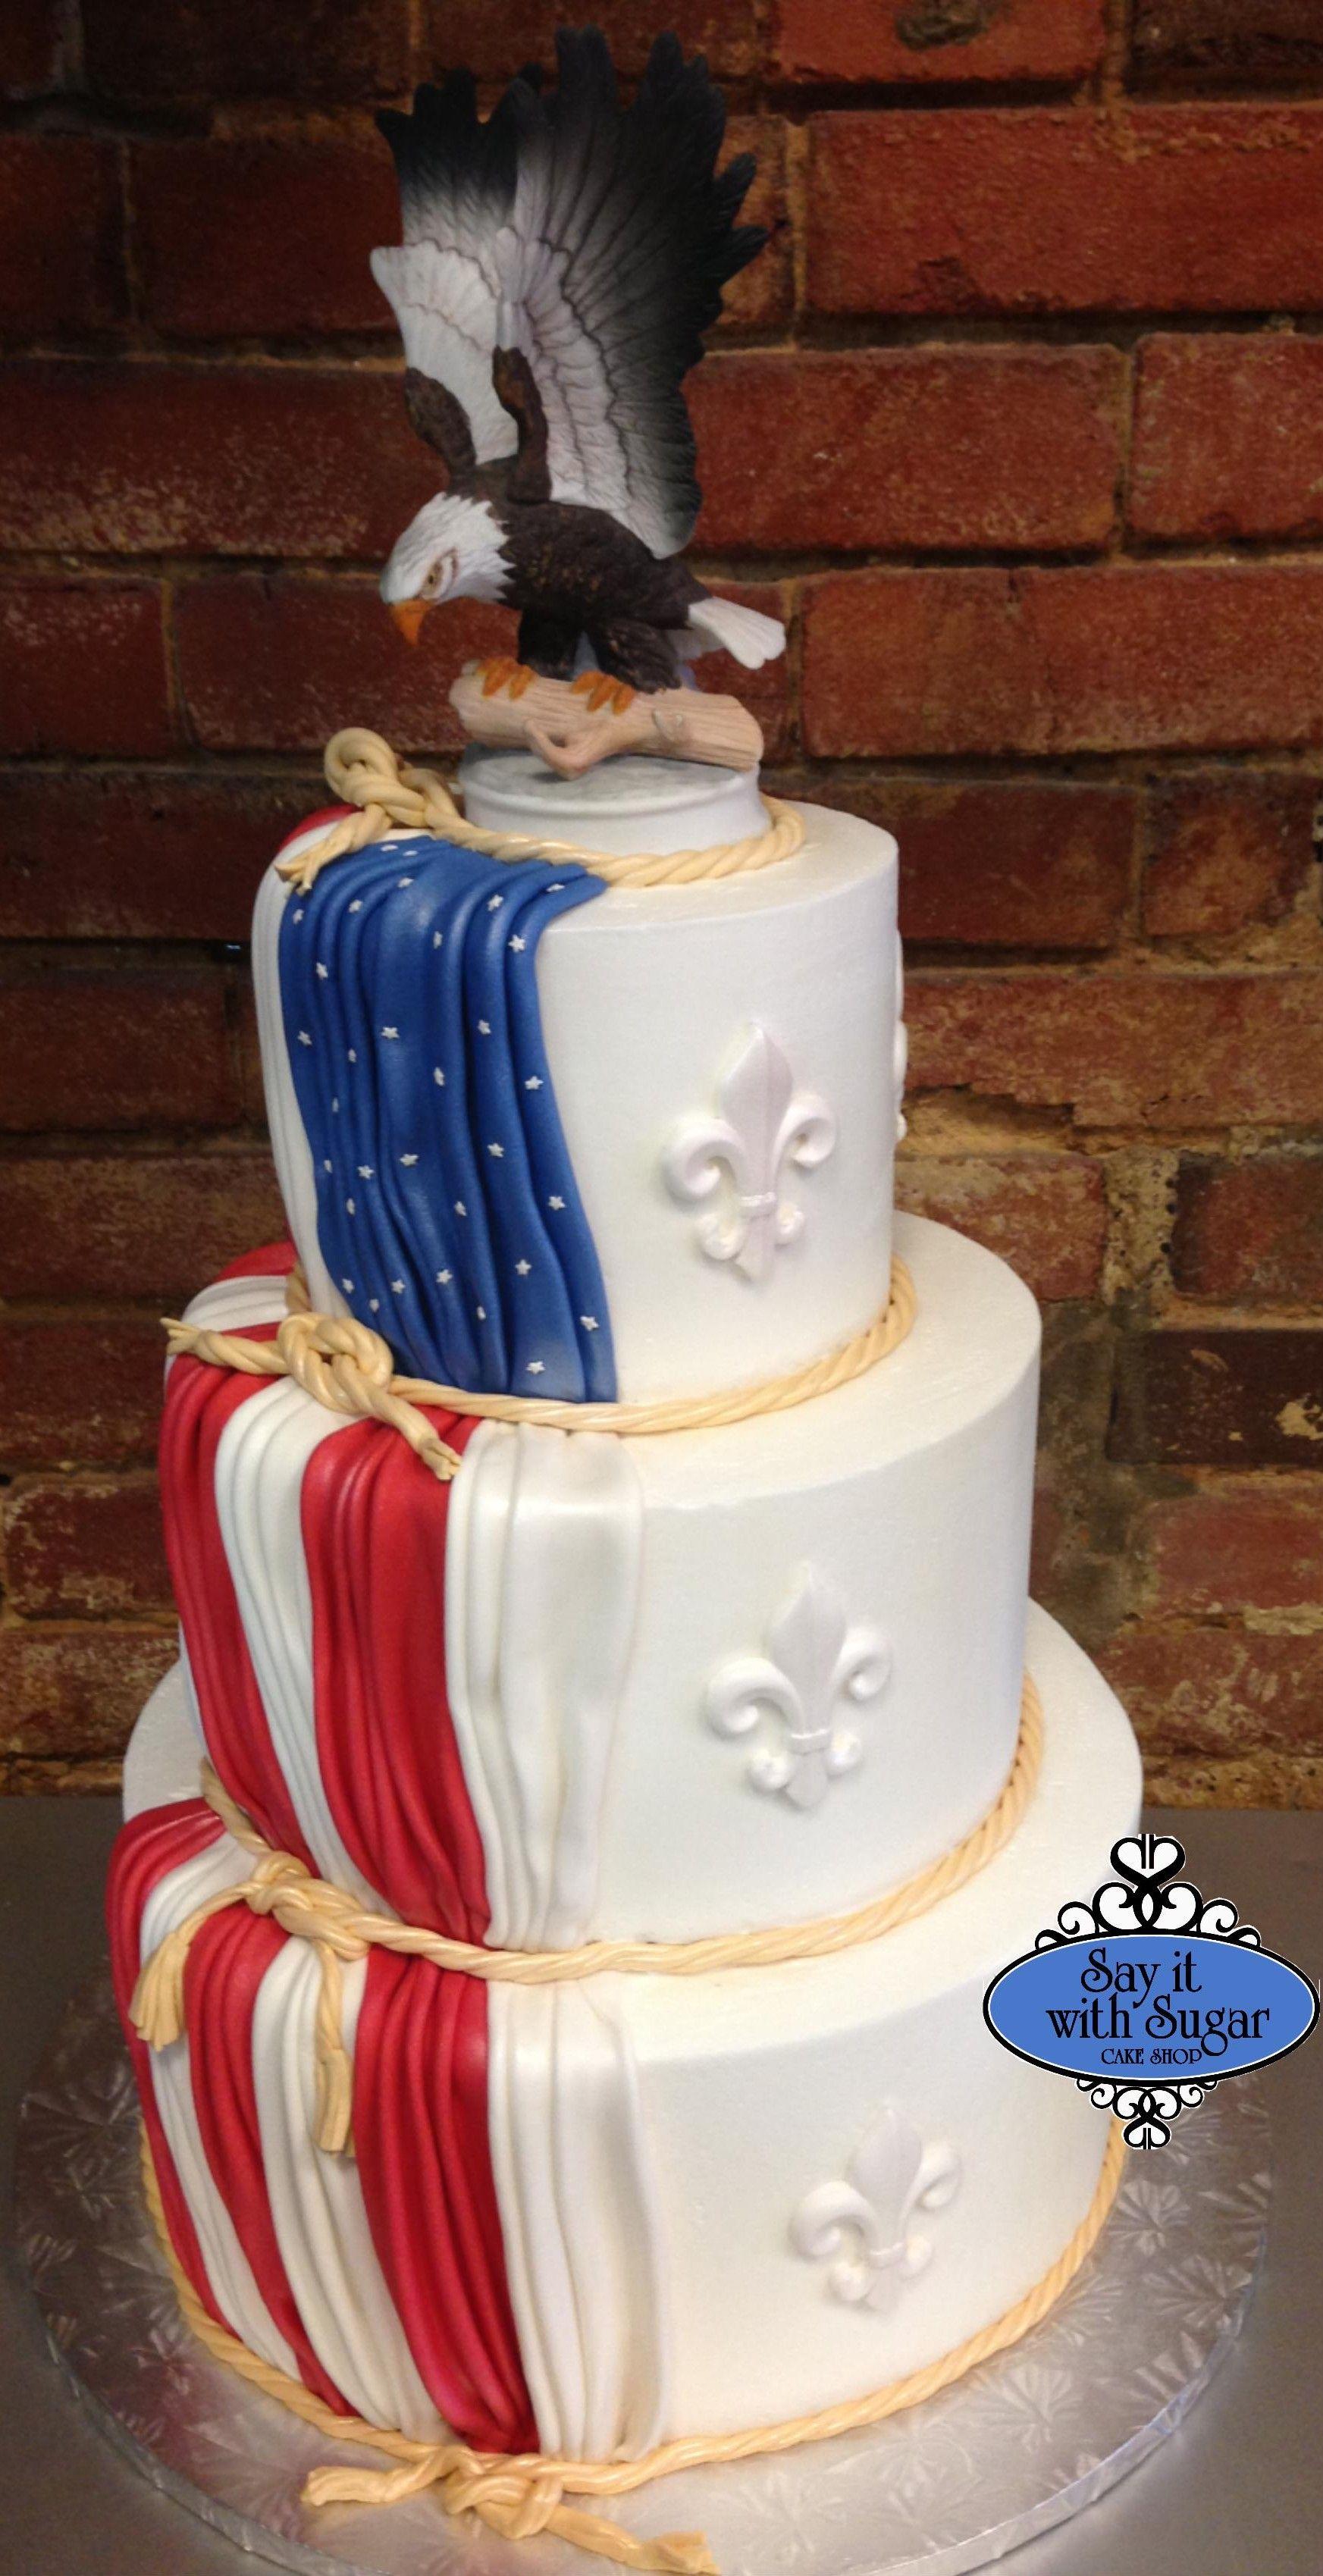 Cakes Cake Boss Has Made